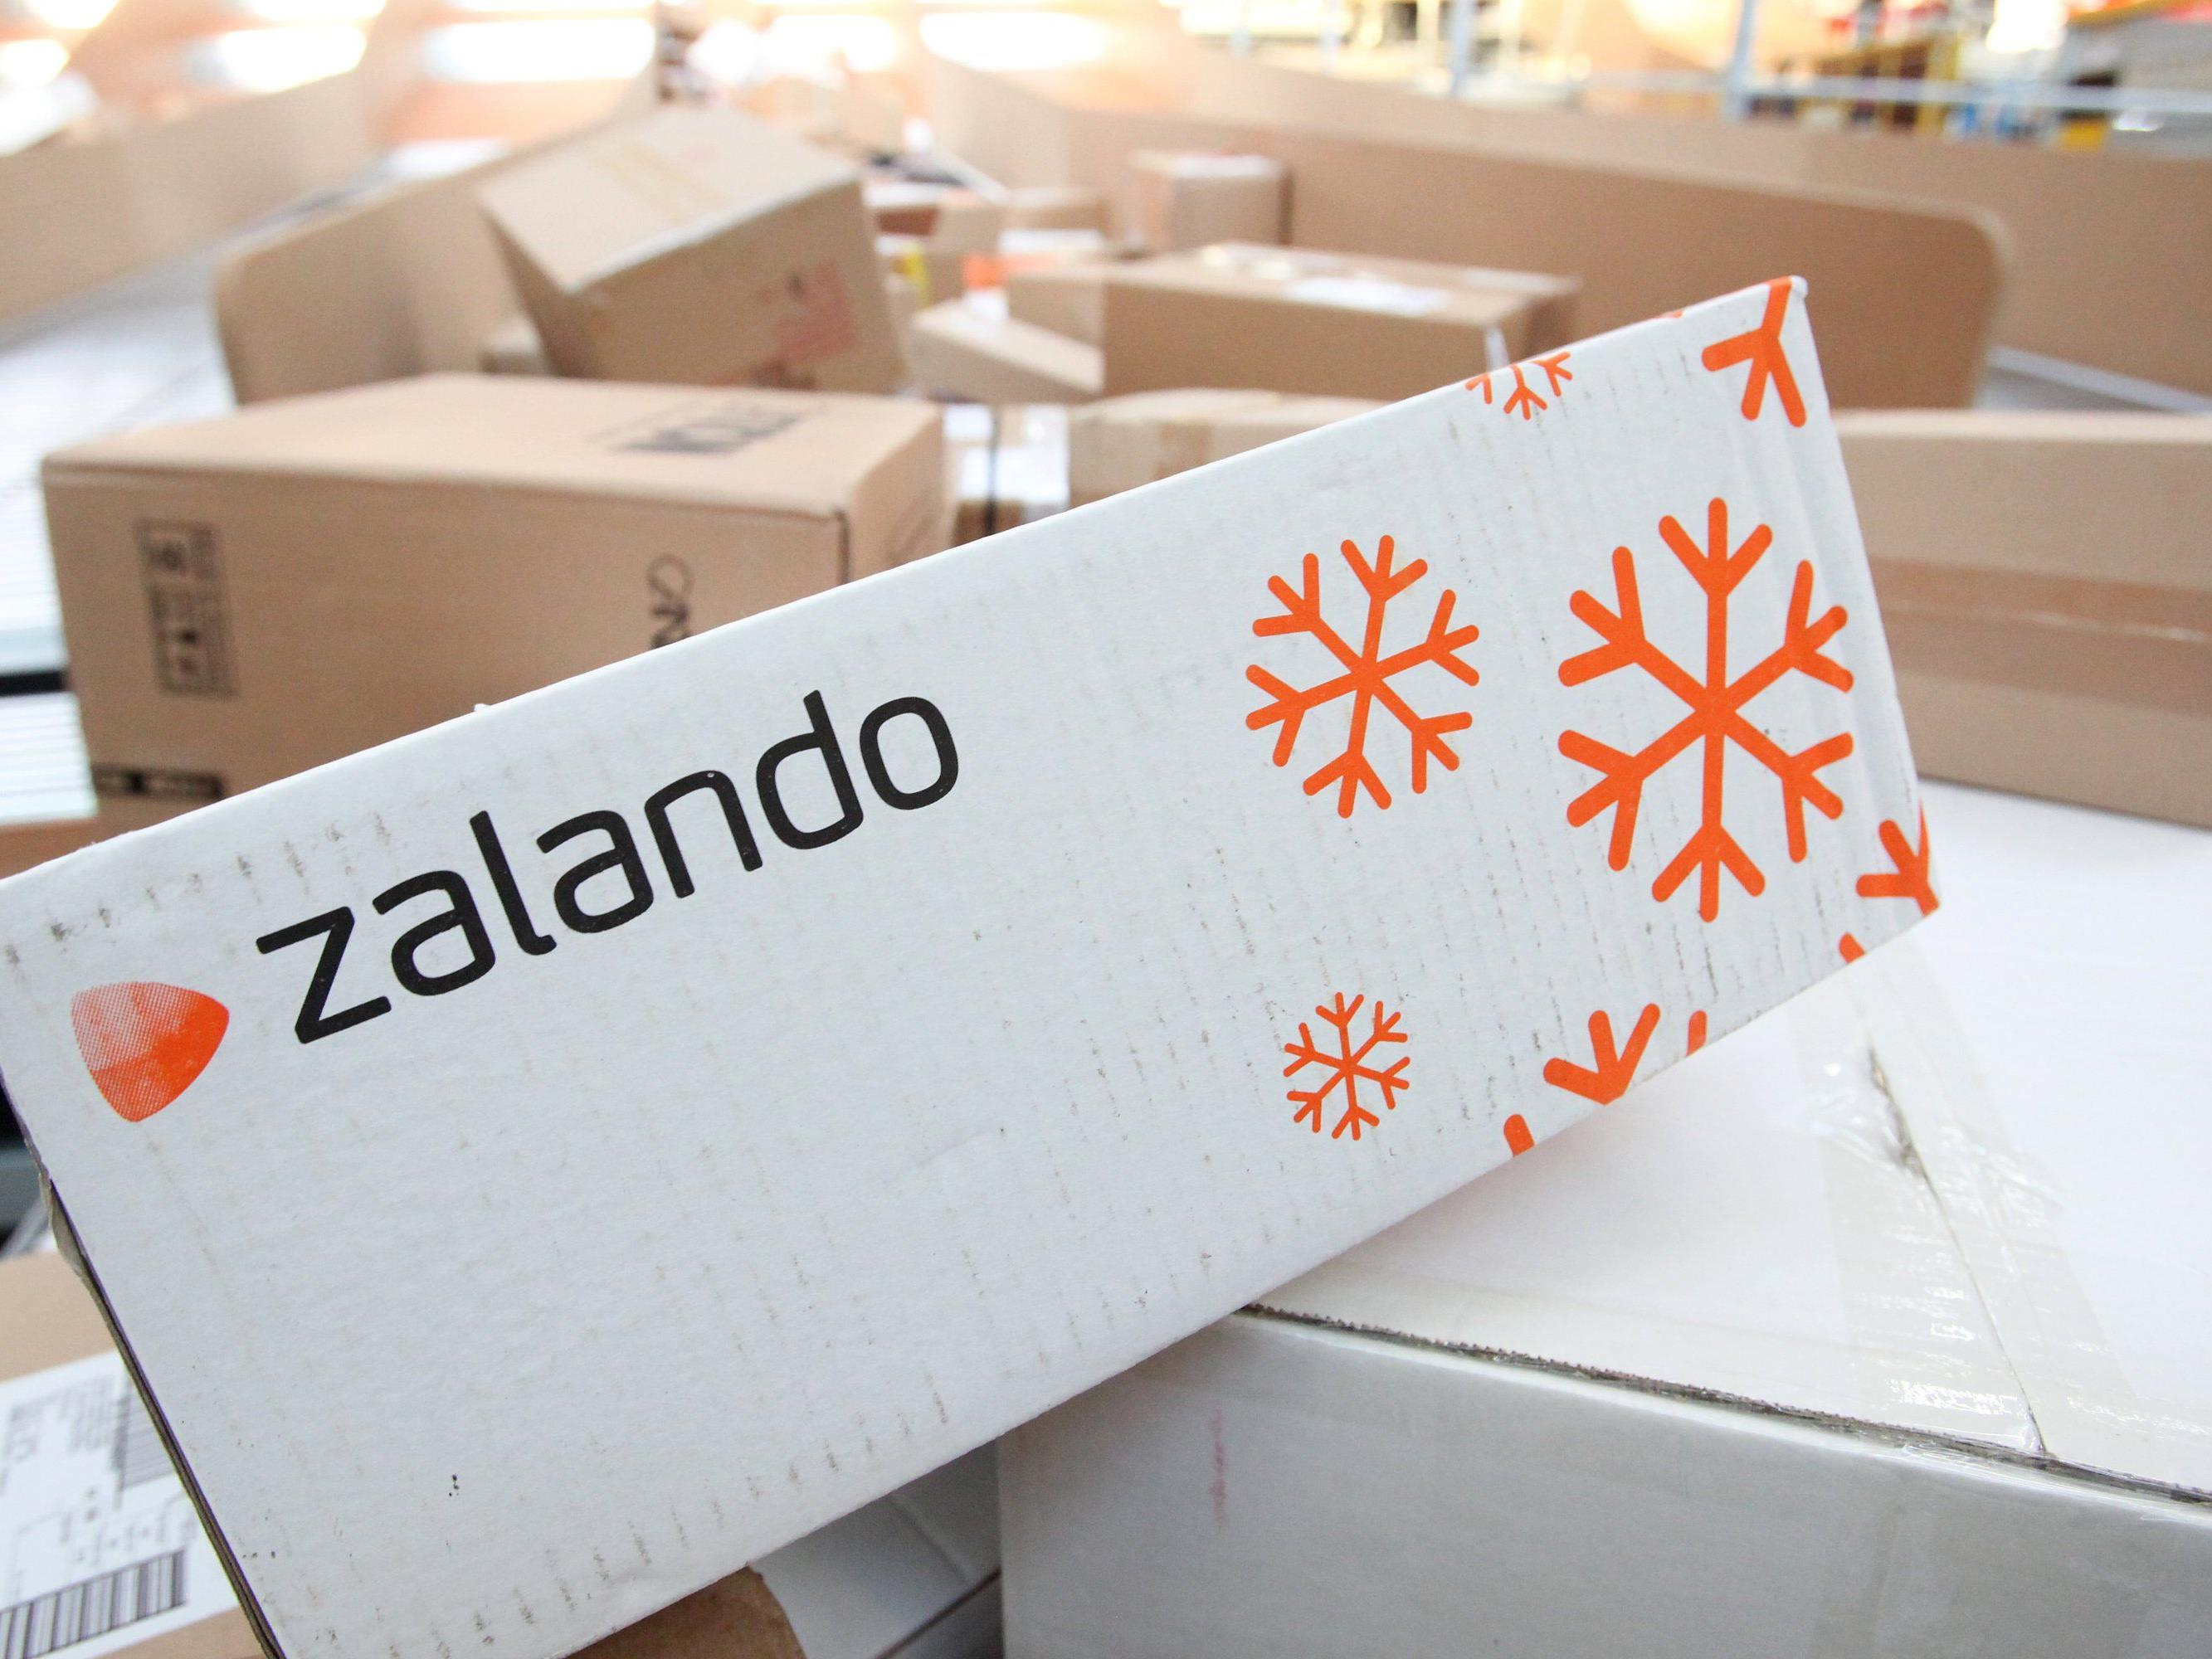 Zalando gehört zu den 100 stärksten deutschen Online-Shops.